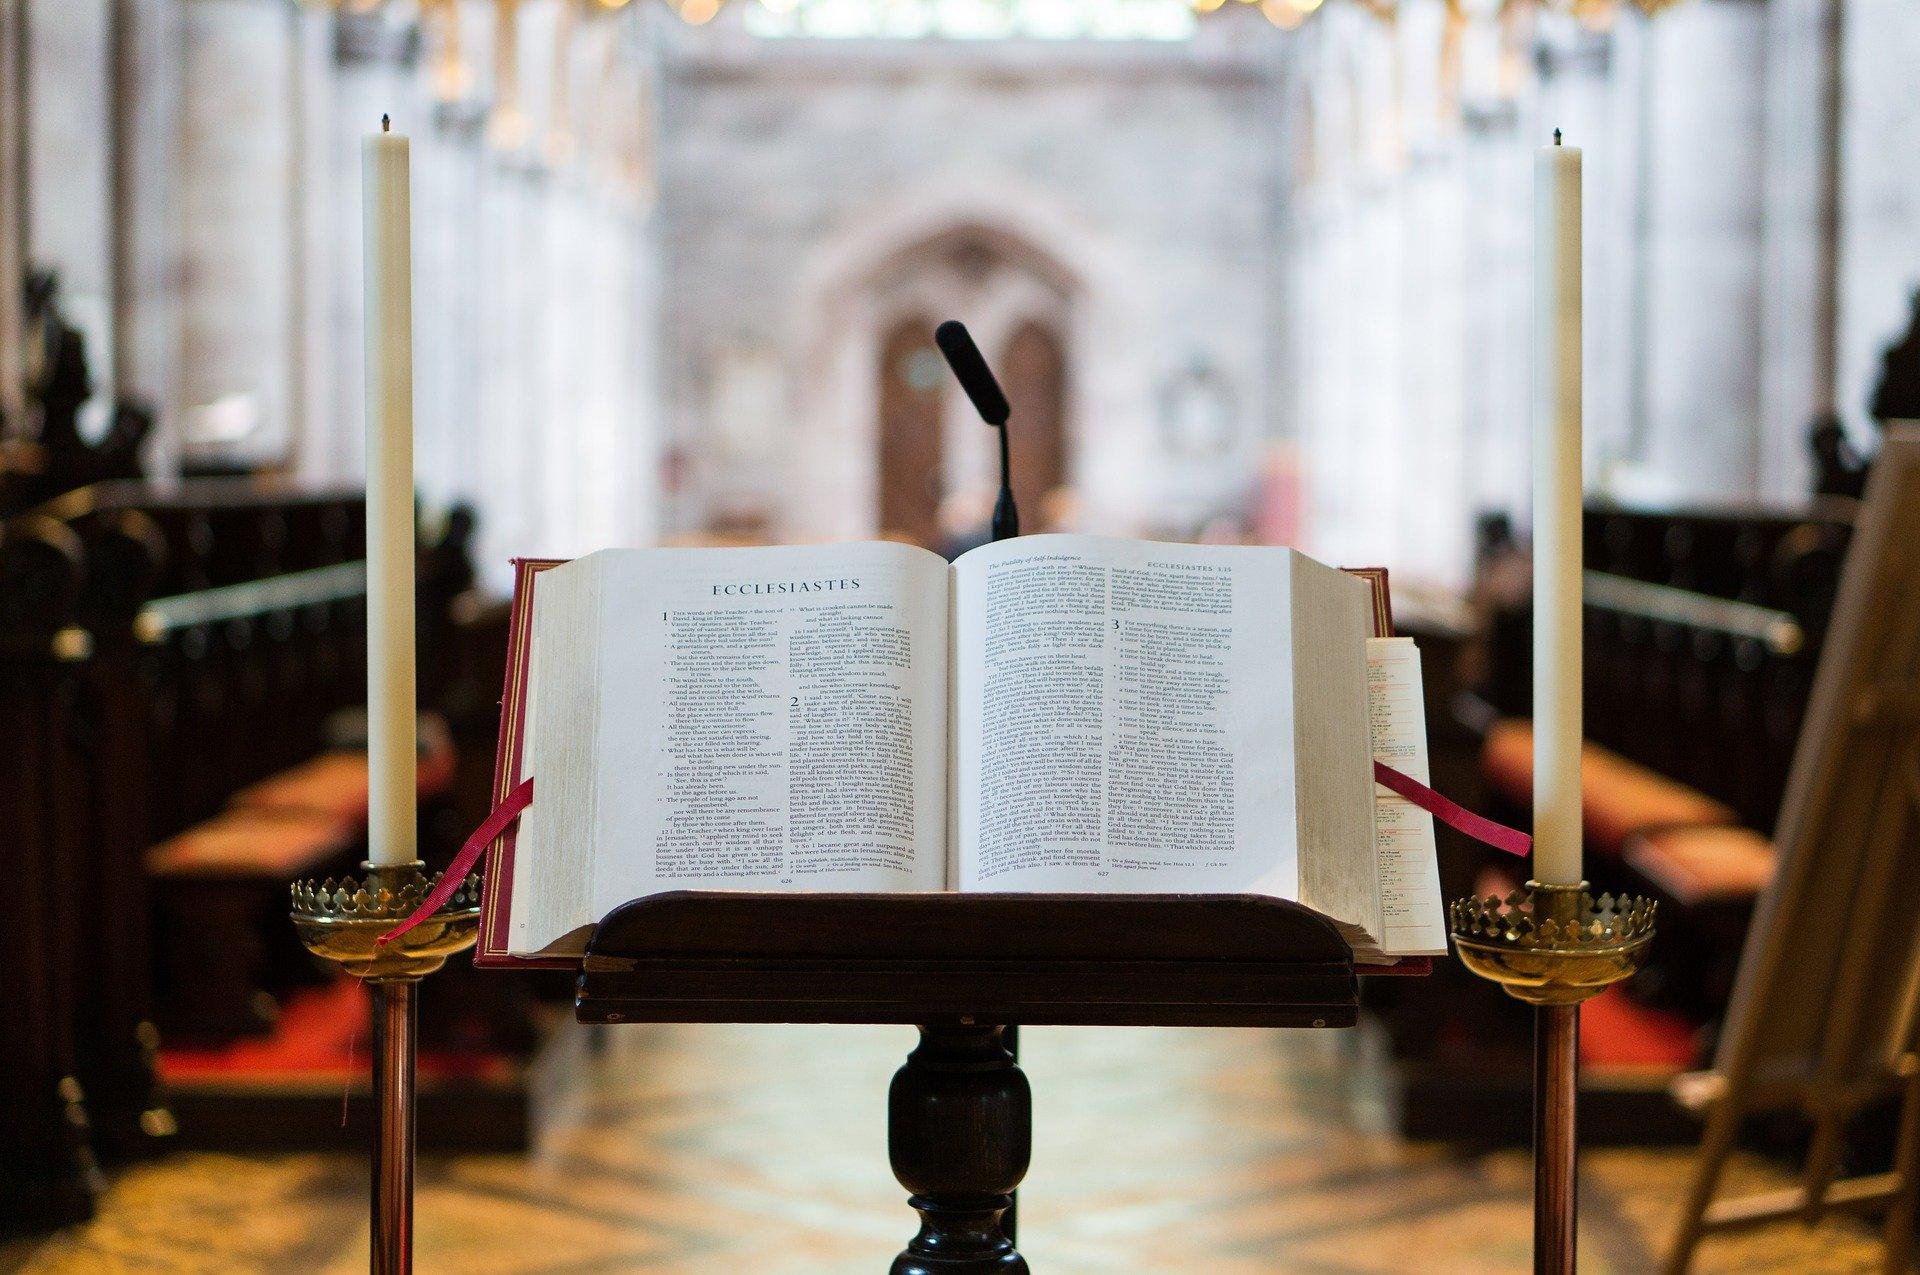 Prädikantenfortbildungsreihe – Gottesdienstliche Gebete heute formulieren